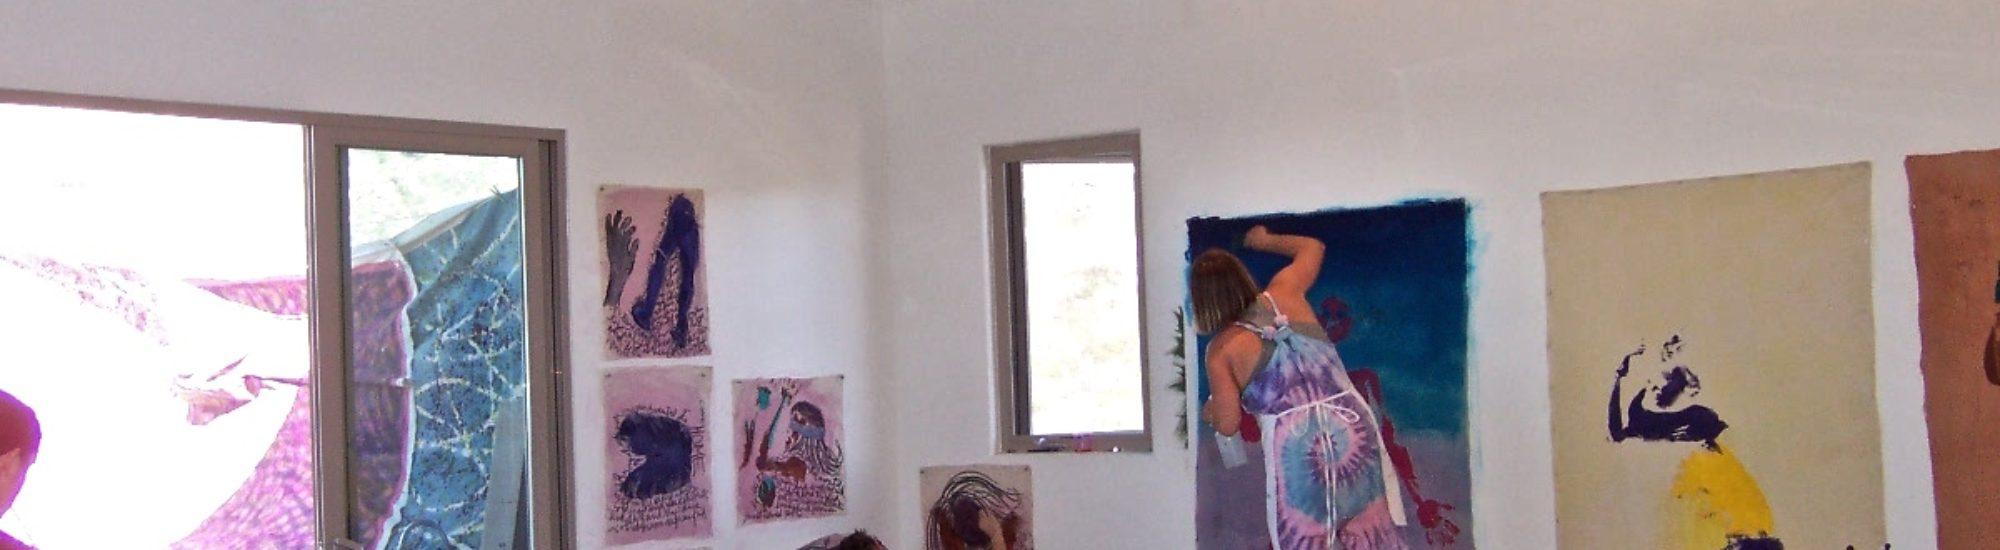 BW Ca Studio